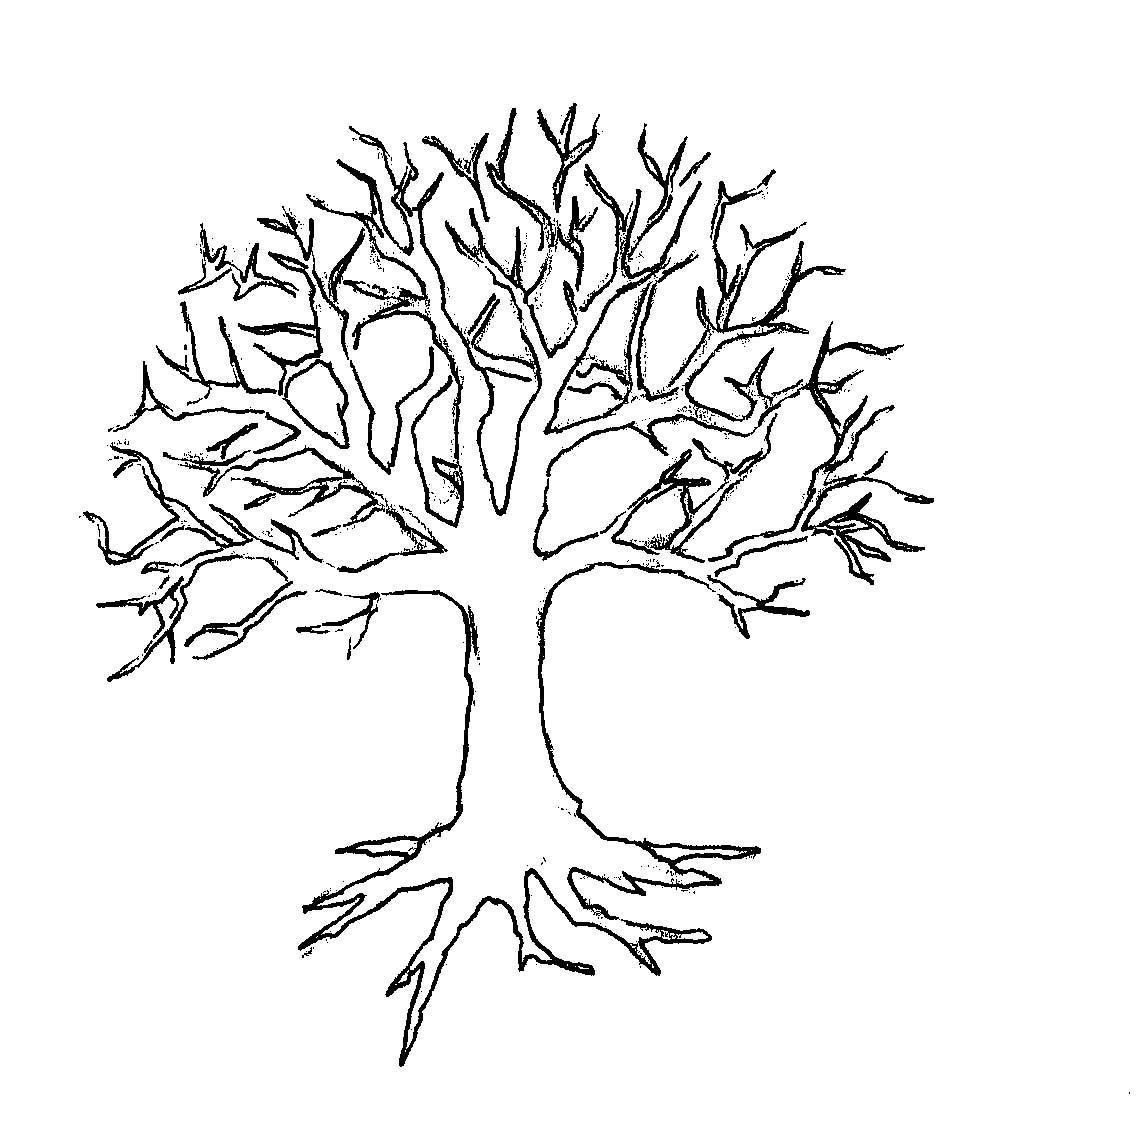 Розмальовки Дерева без листя аплікація дерево без листя